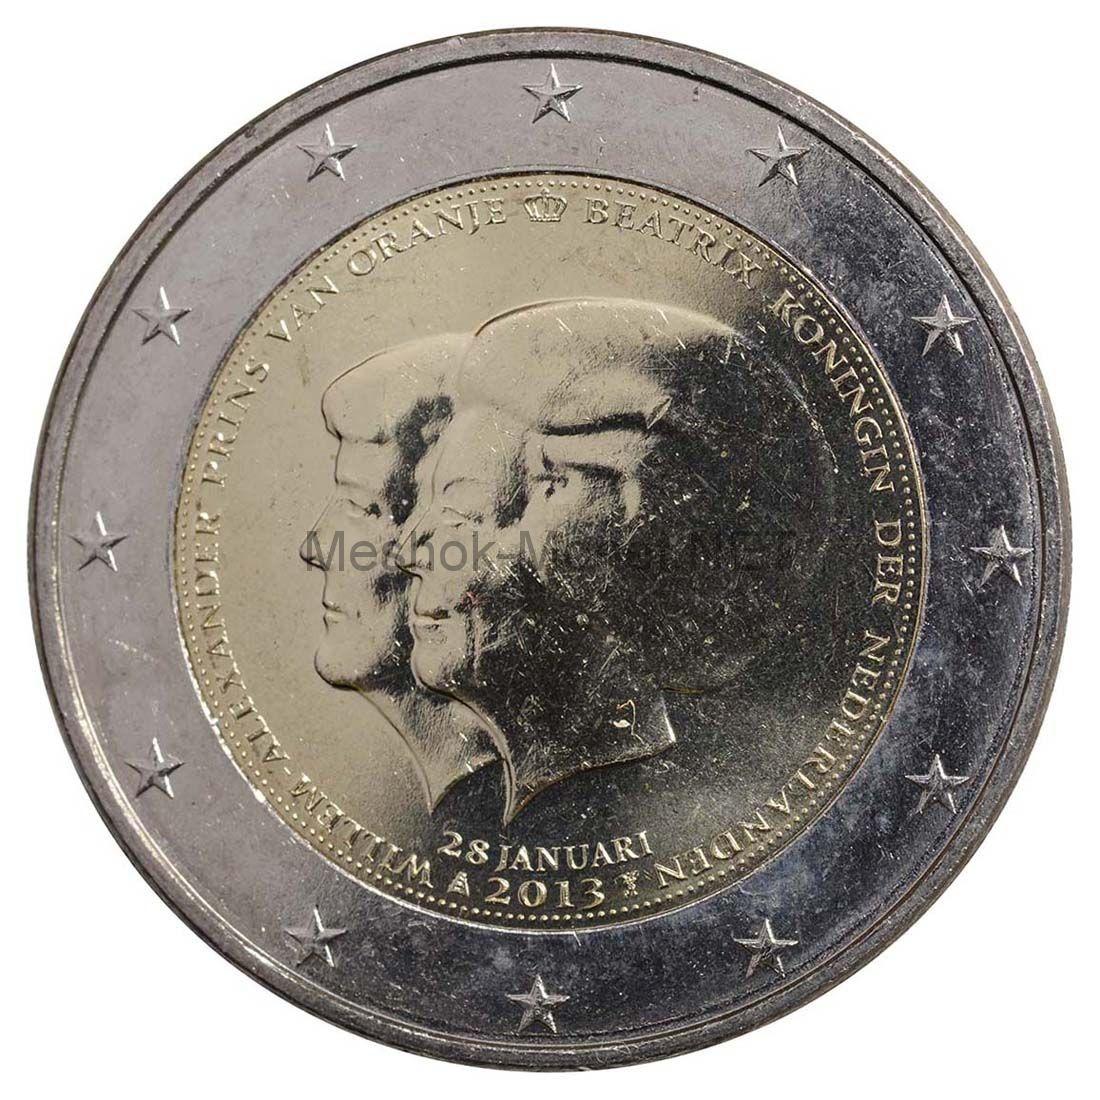 Нидерланды 2 евро 2013, отречение от престола королевы Нидерландов Беатрикс